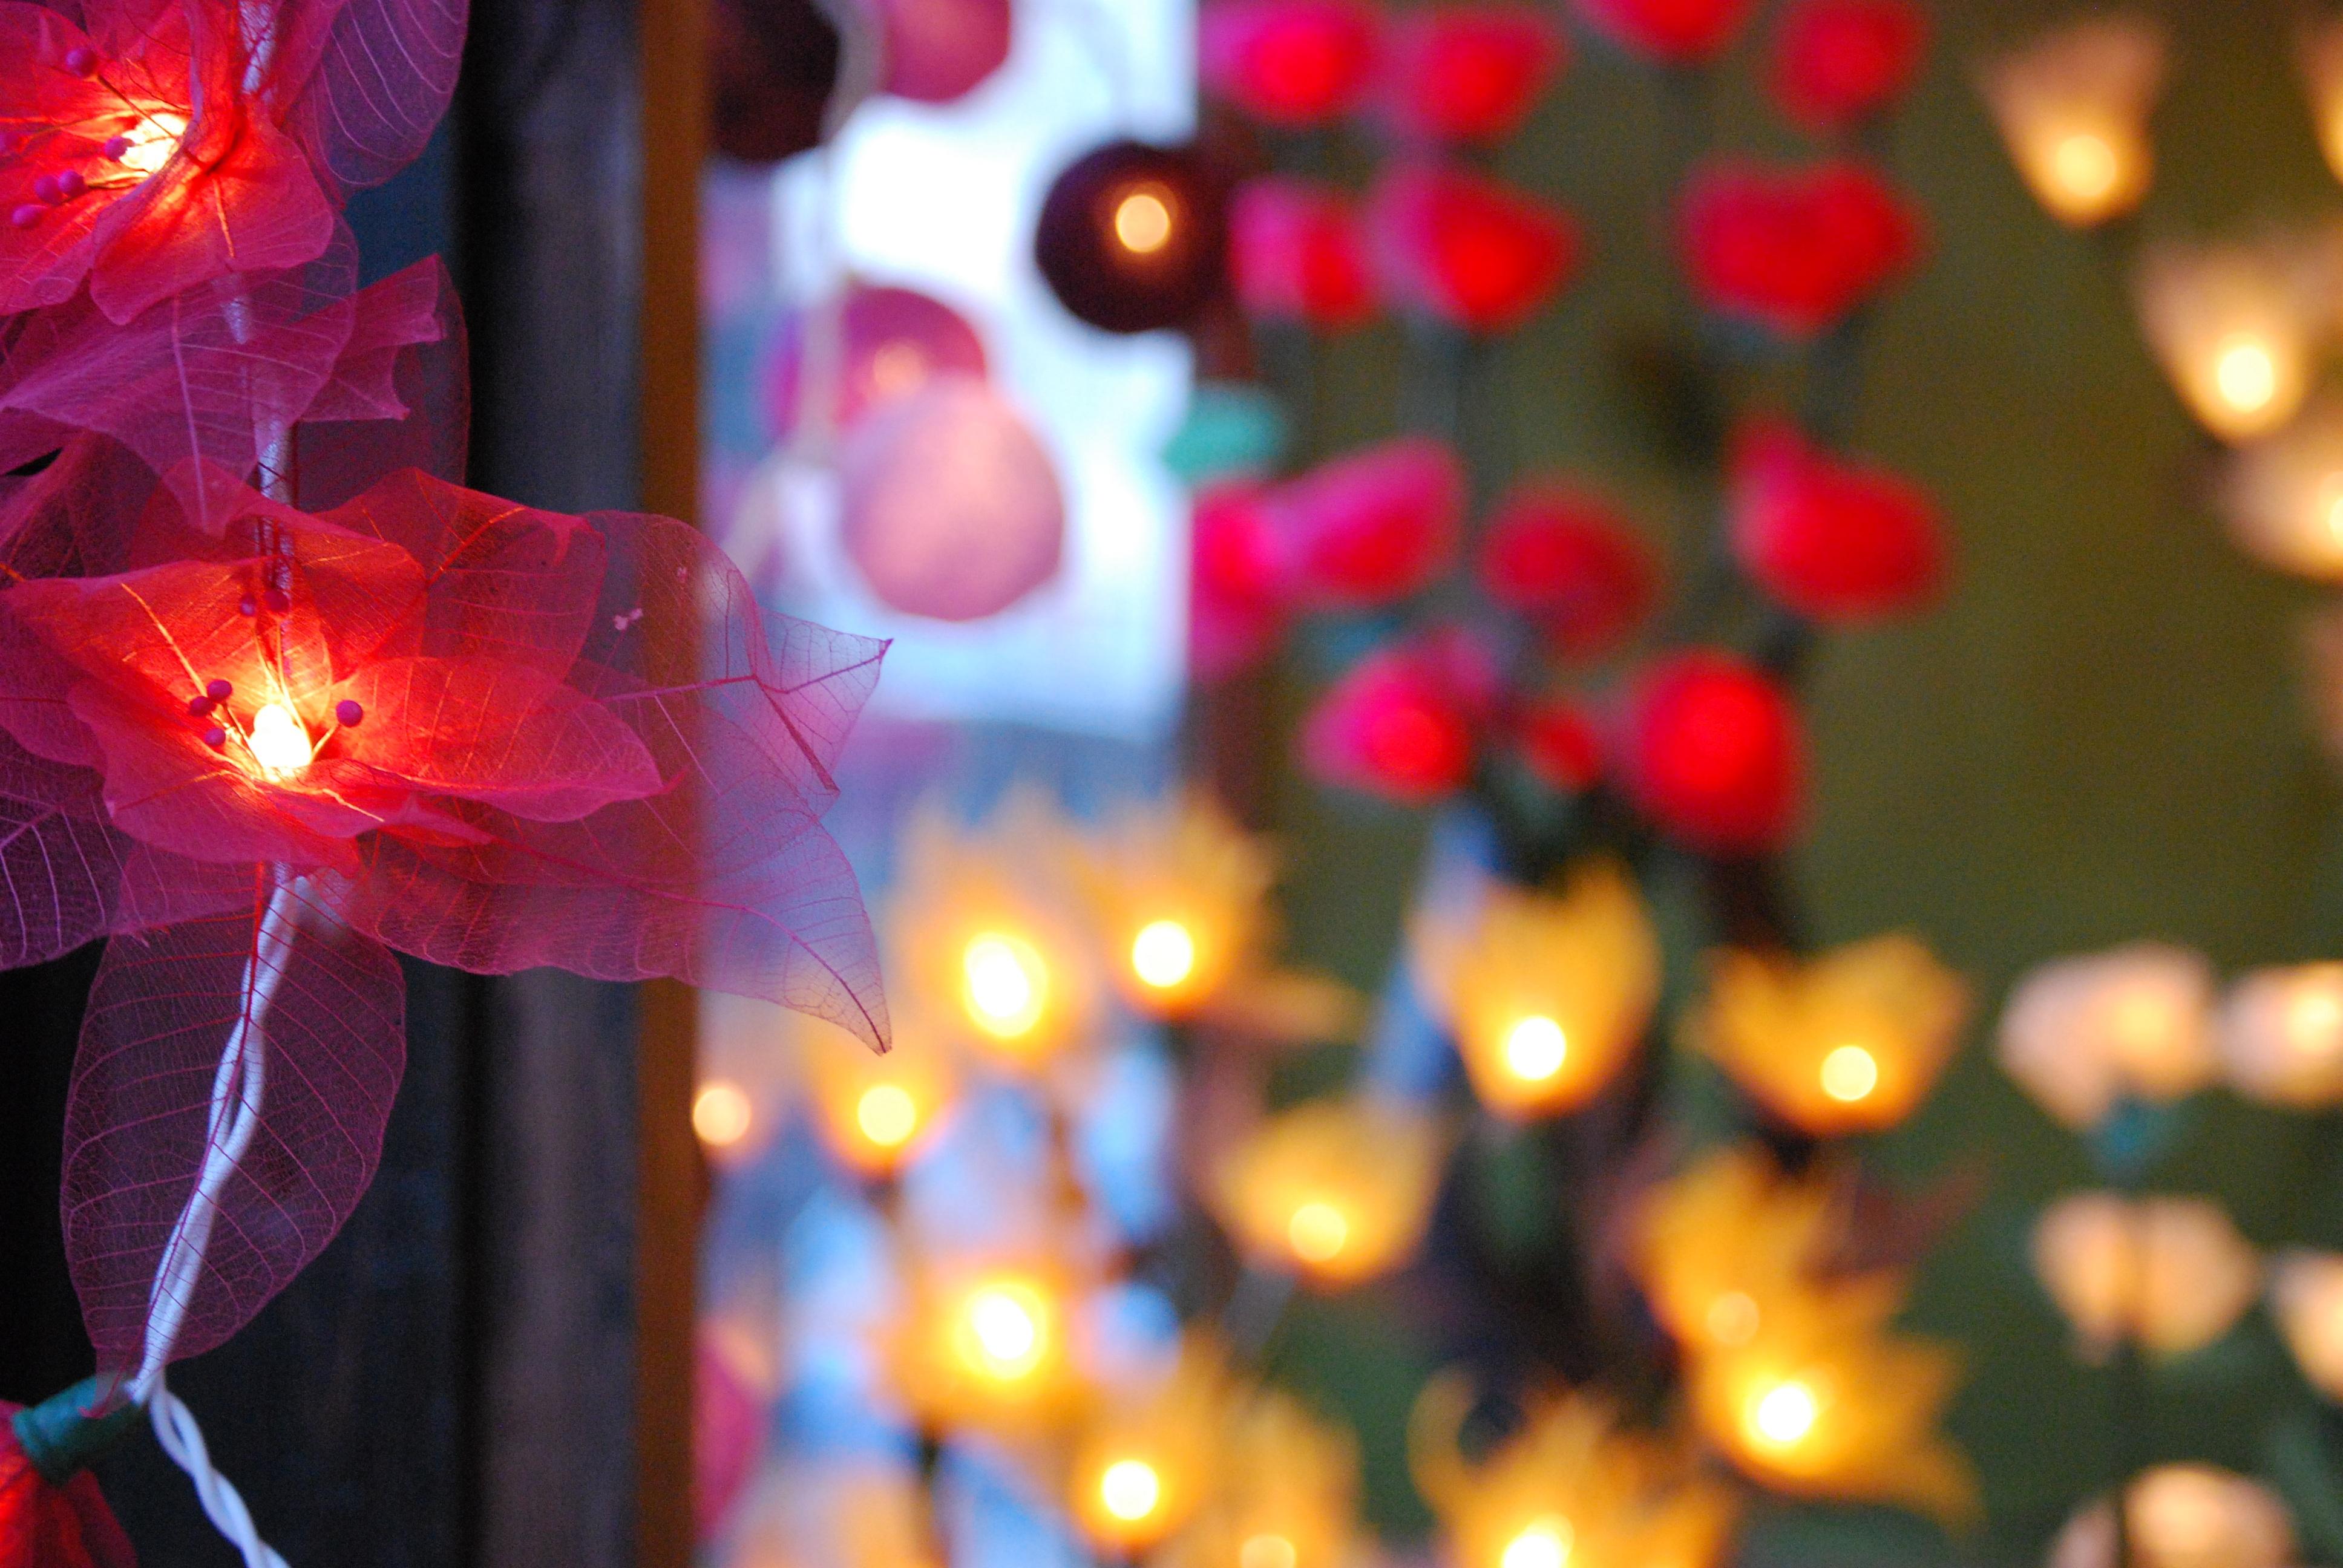 téli fény virág virágszirom dekoráció piros szín ünnep Karácsony világítás  Karácsonyi dekoráció Lámpák tervezés Németország karácsonyi c22f749494